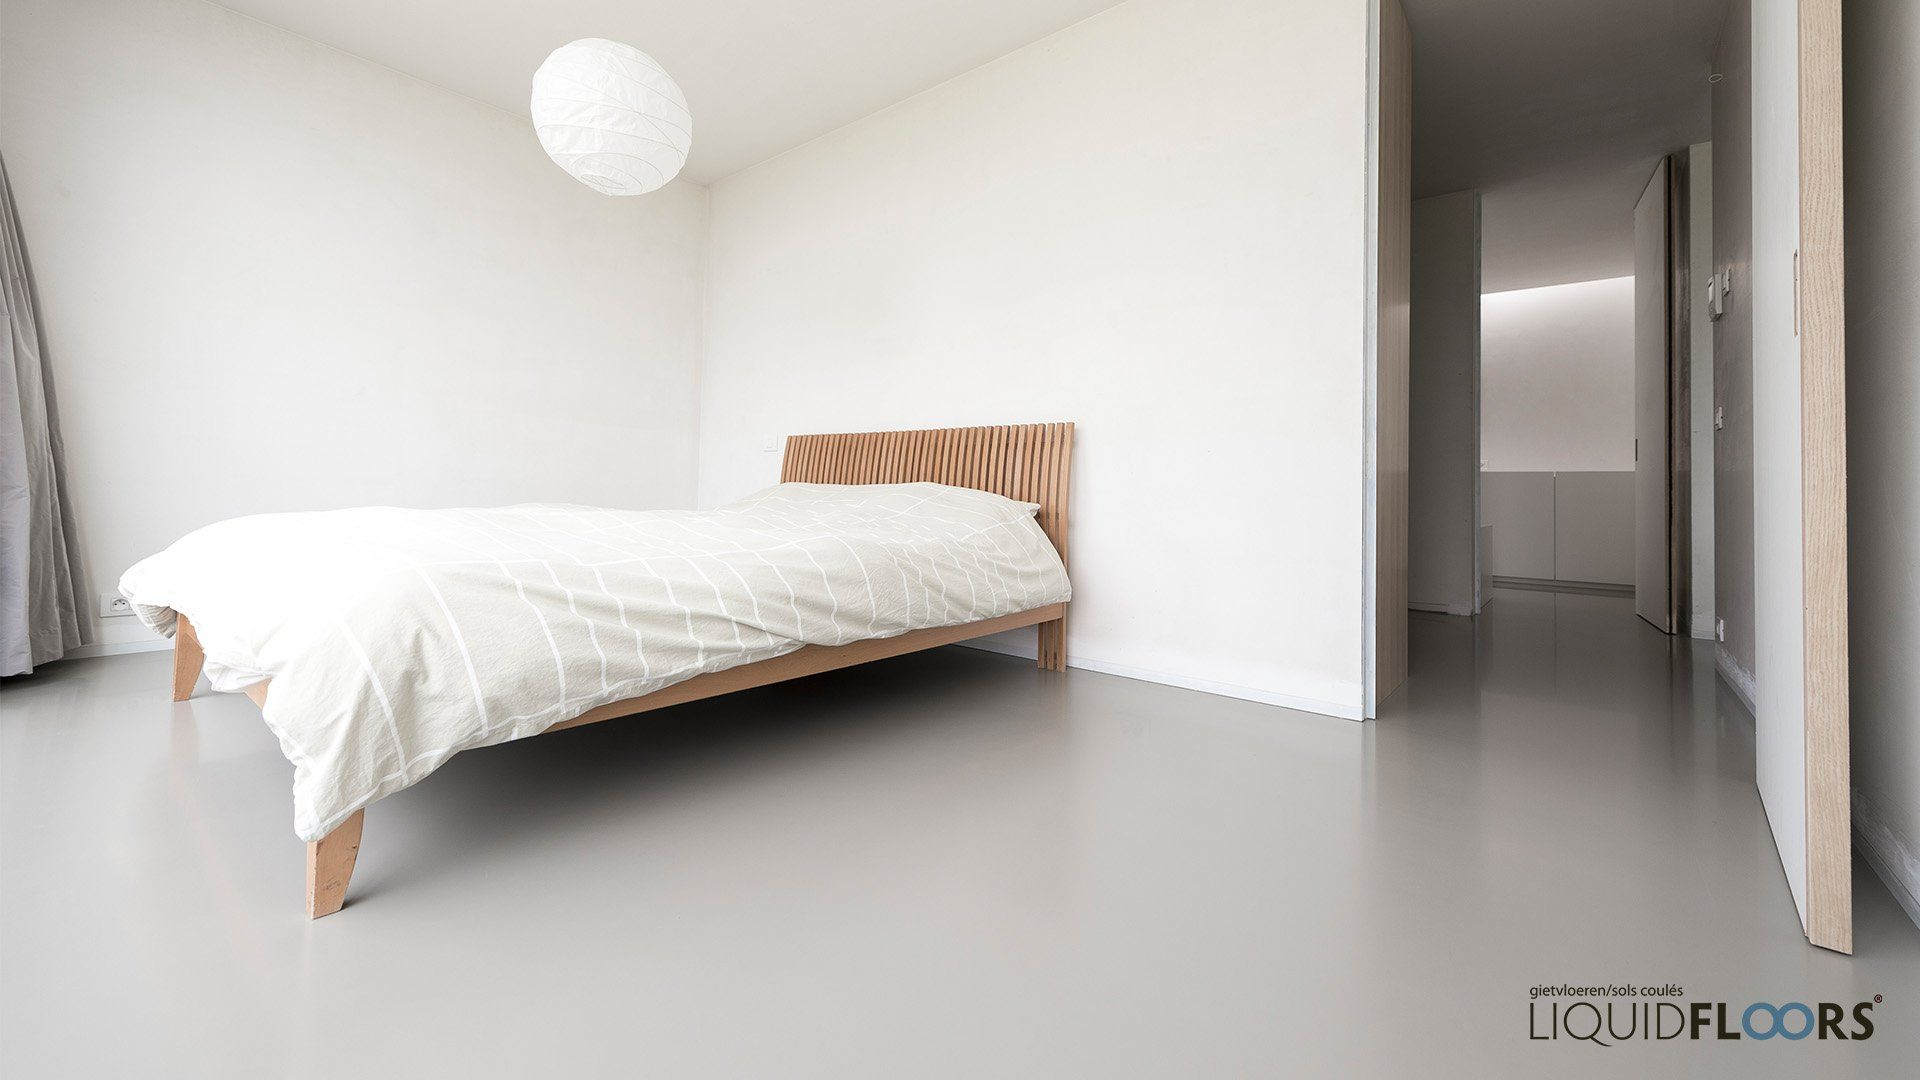 Betonlook gietvloer in slaapkamer liquidfloors parlak beton